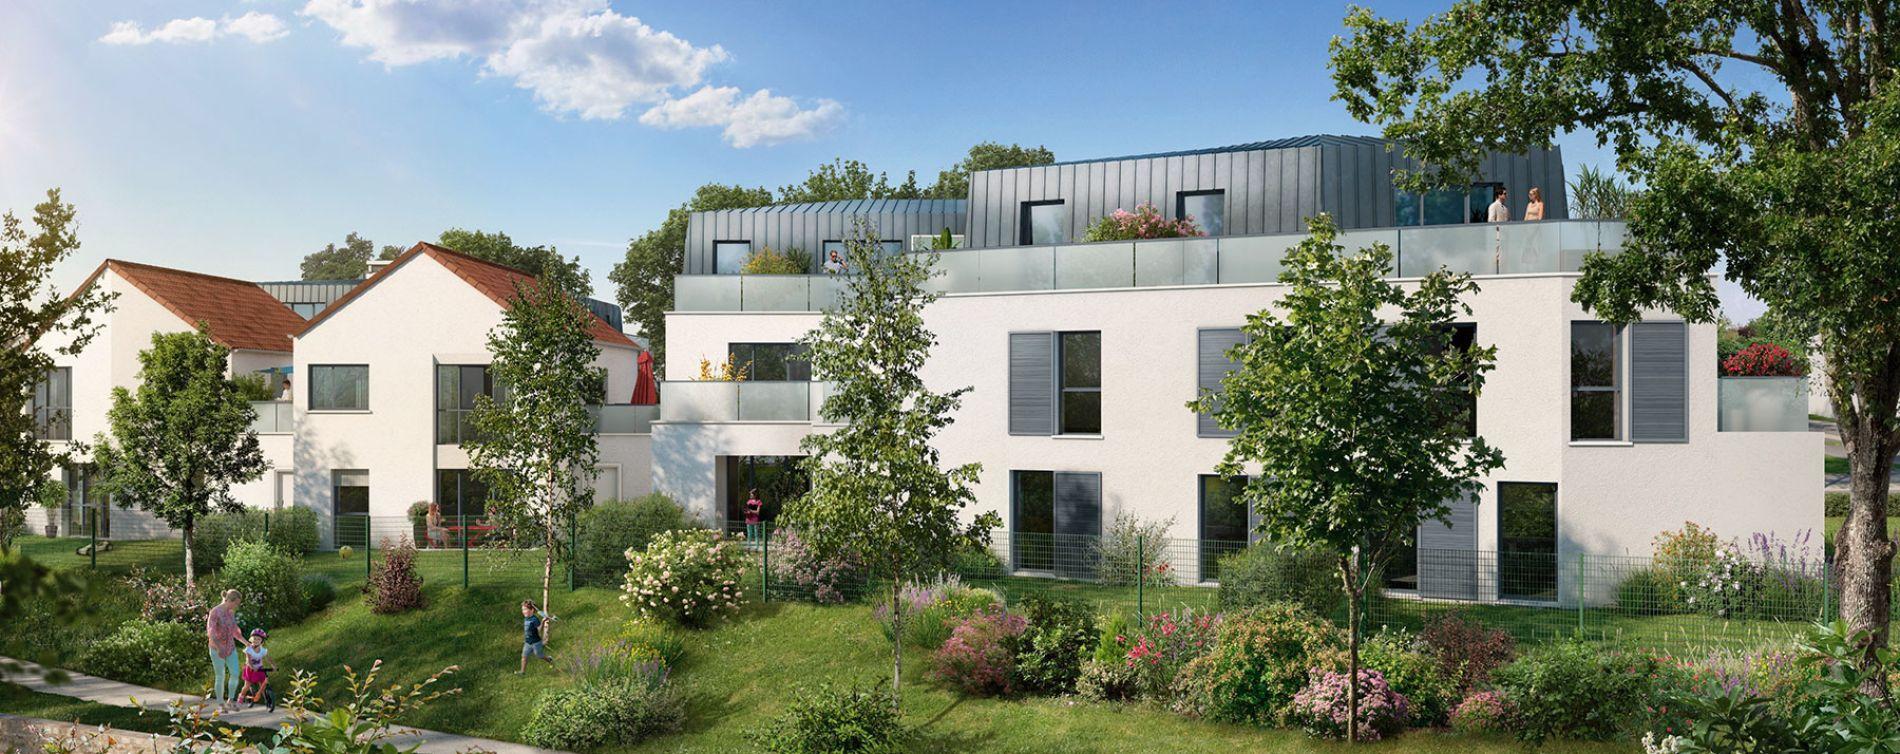 Cesson : programme immobilier neuve « Le Stendhal » (2)